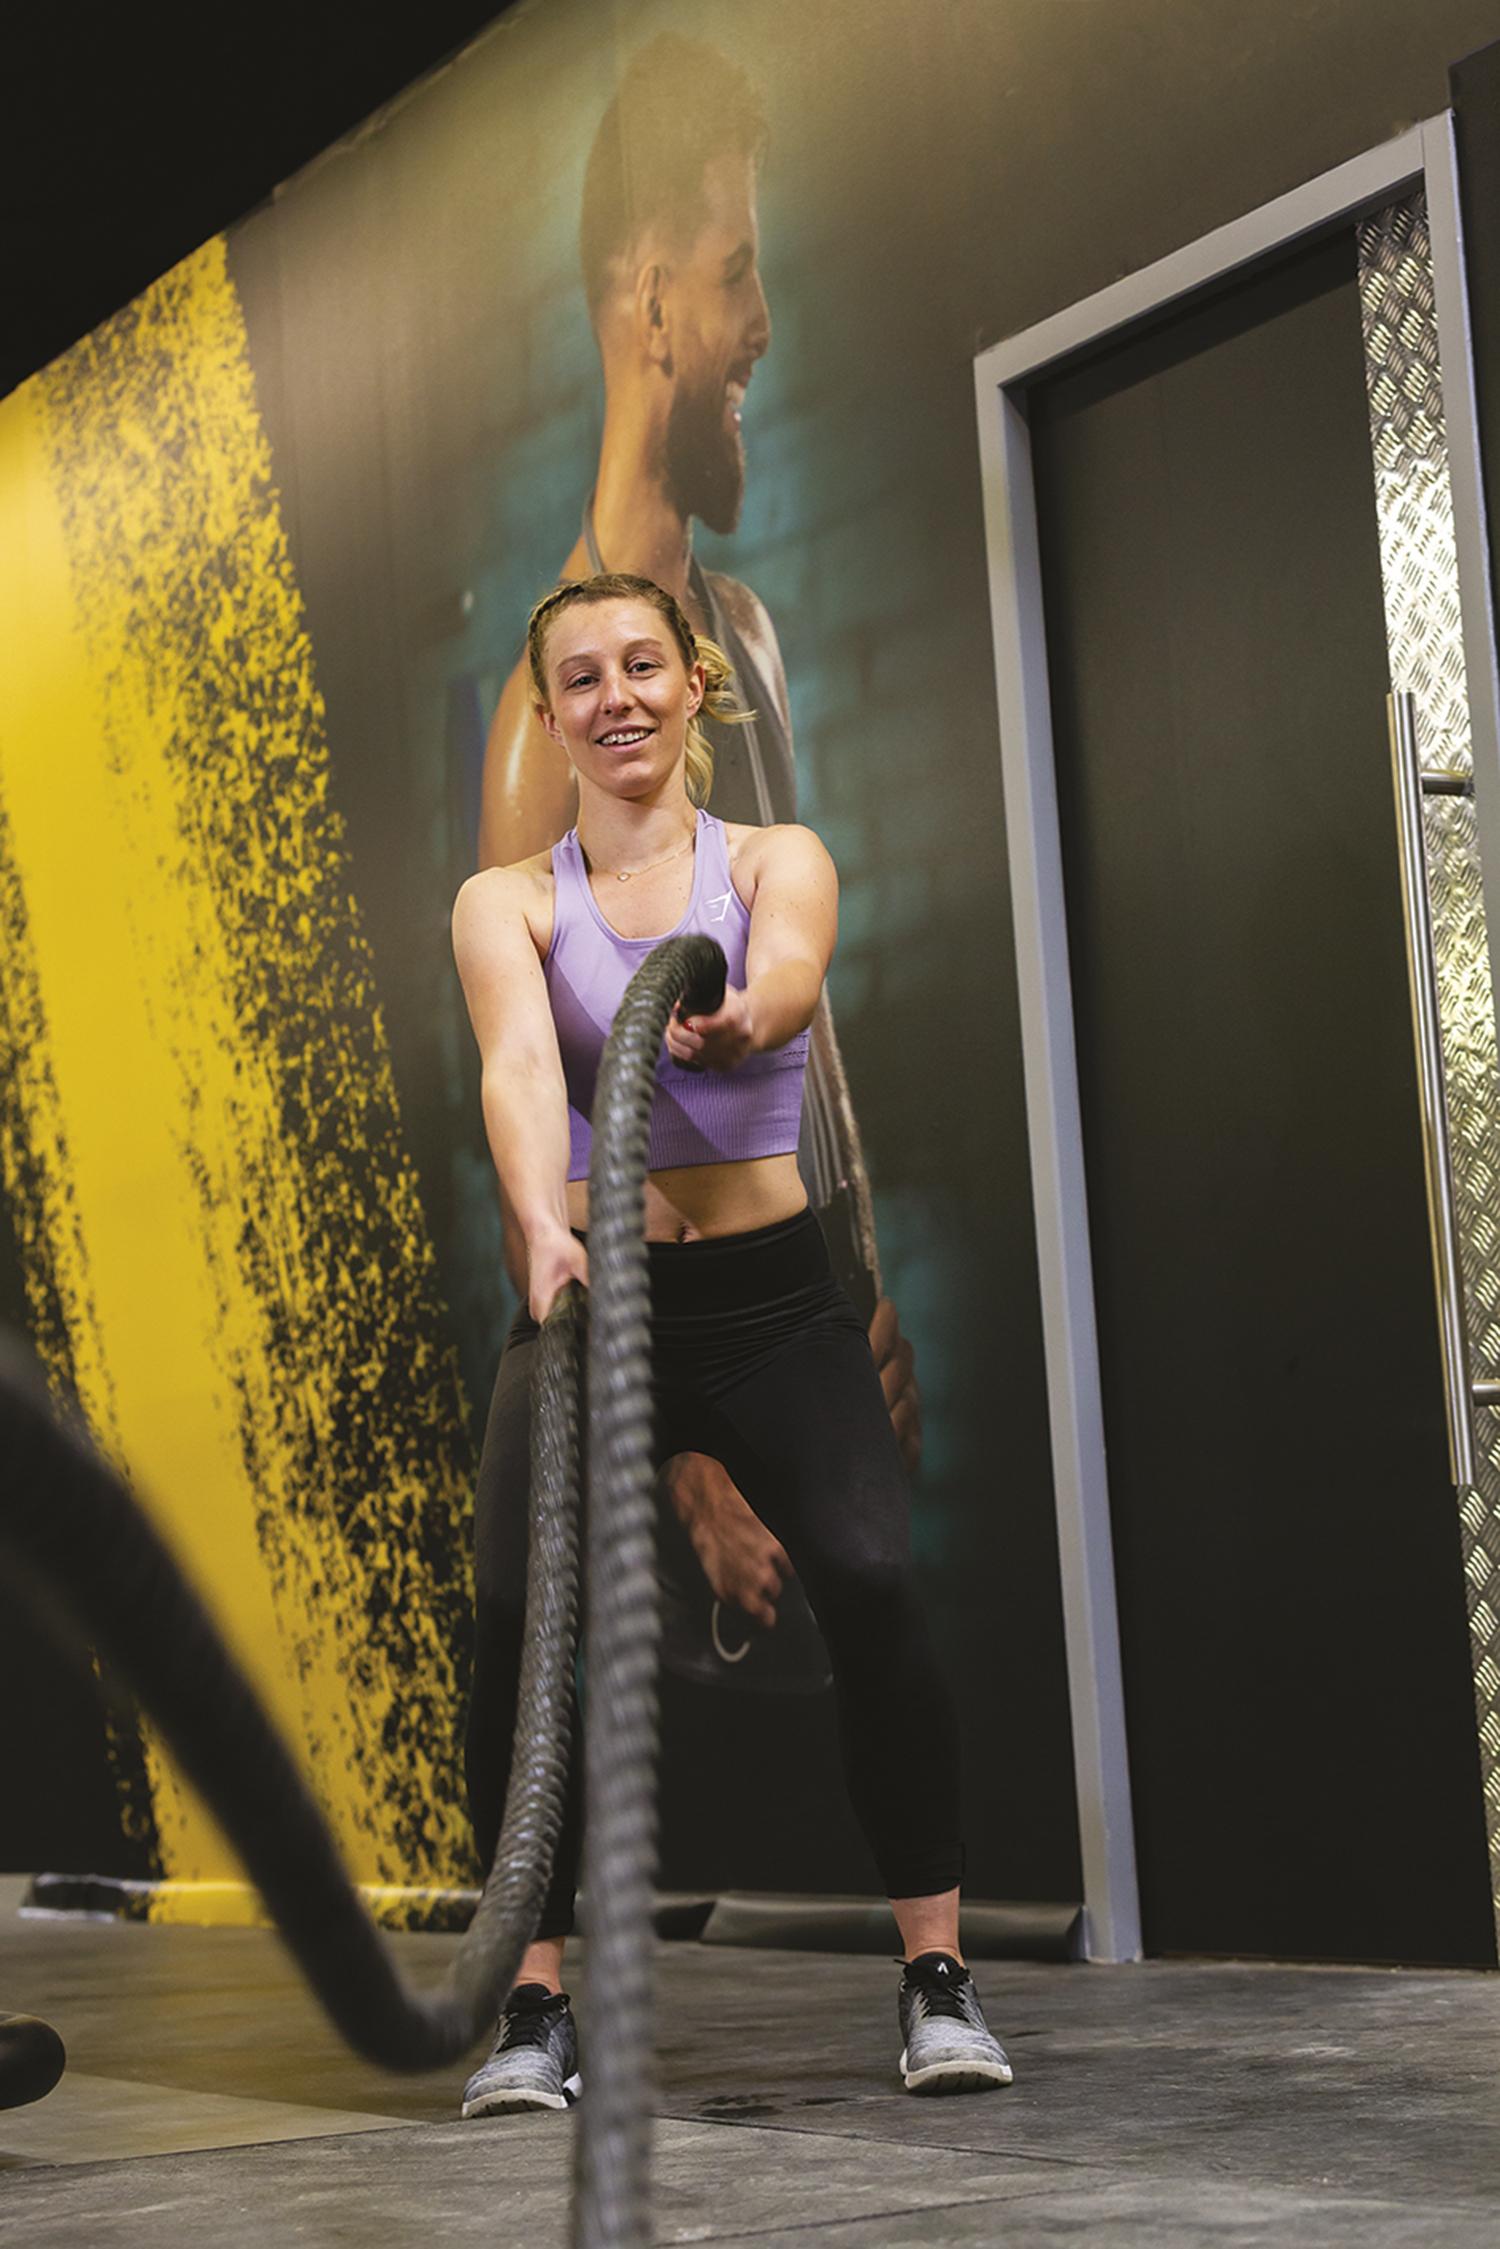 fitness-park-bigorre-mag-2-1